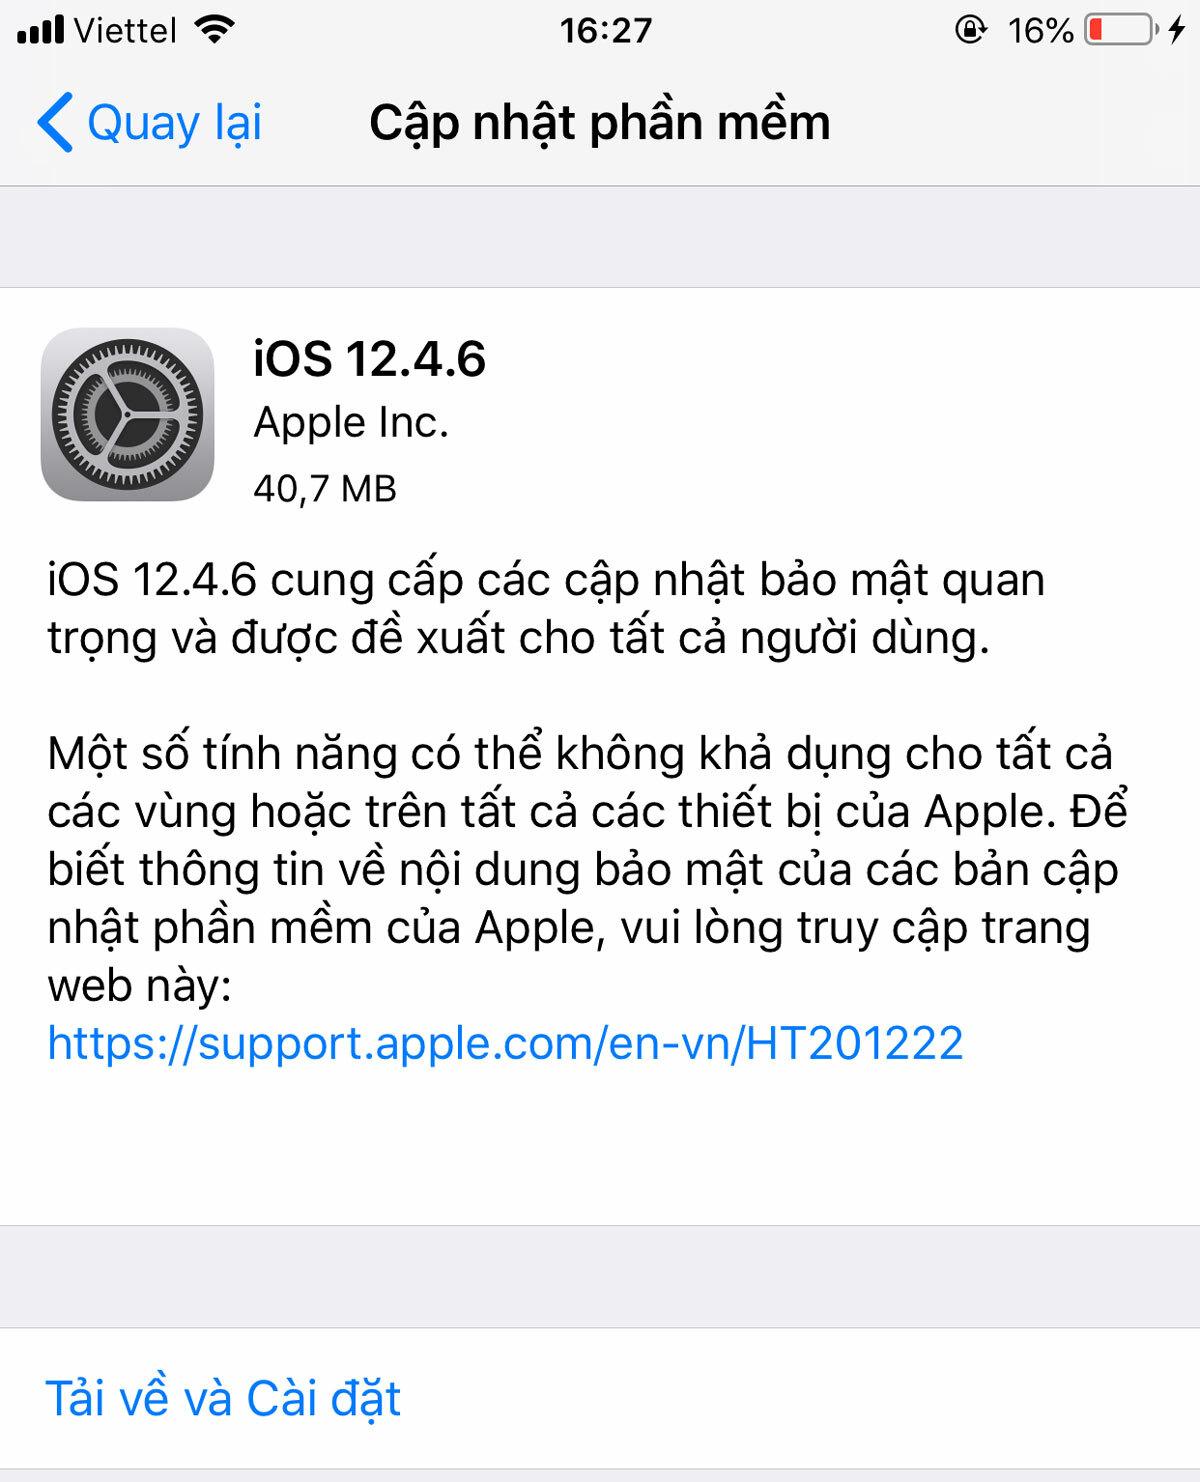 iPhone 5s được cập nhập iOS mới - ảnh 1